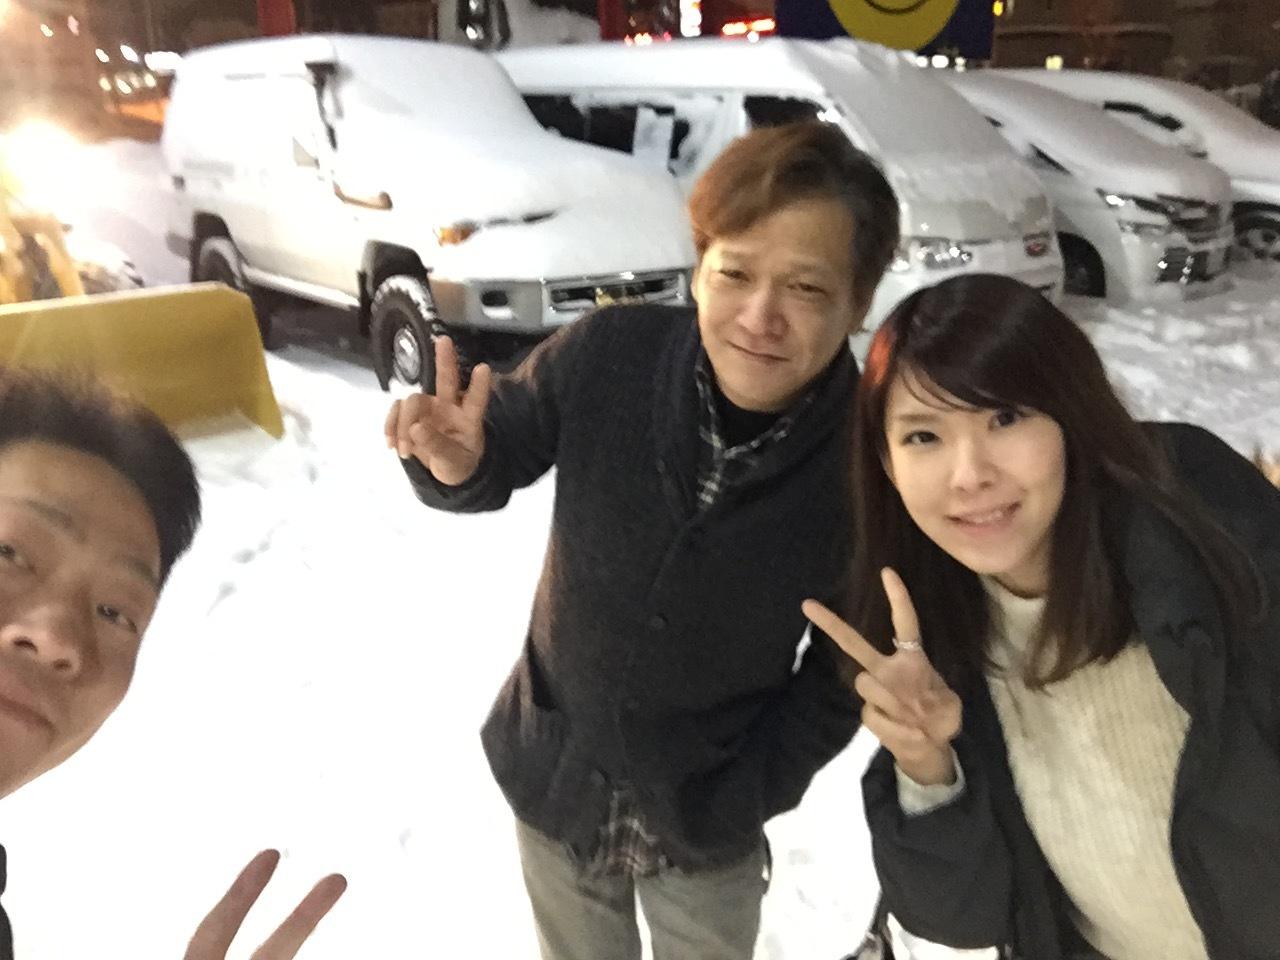 12月8日 金曜日のひとログ( 'ω' )ノ 本日大雪★TOMMY除雪機大活躍!!!除雪車リースも承り〼★_b0127002_19562029.jpg